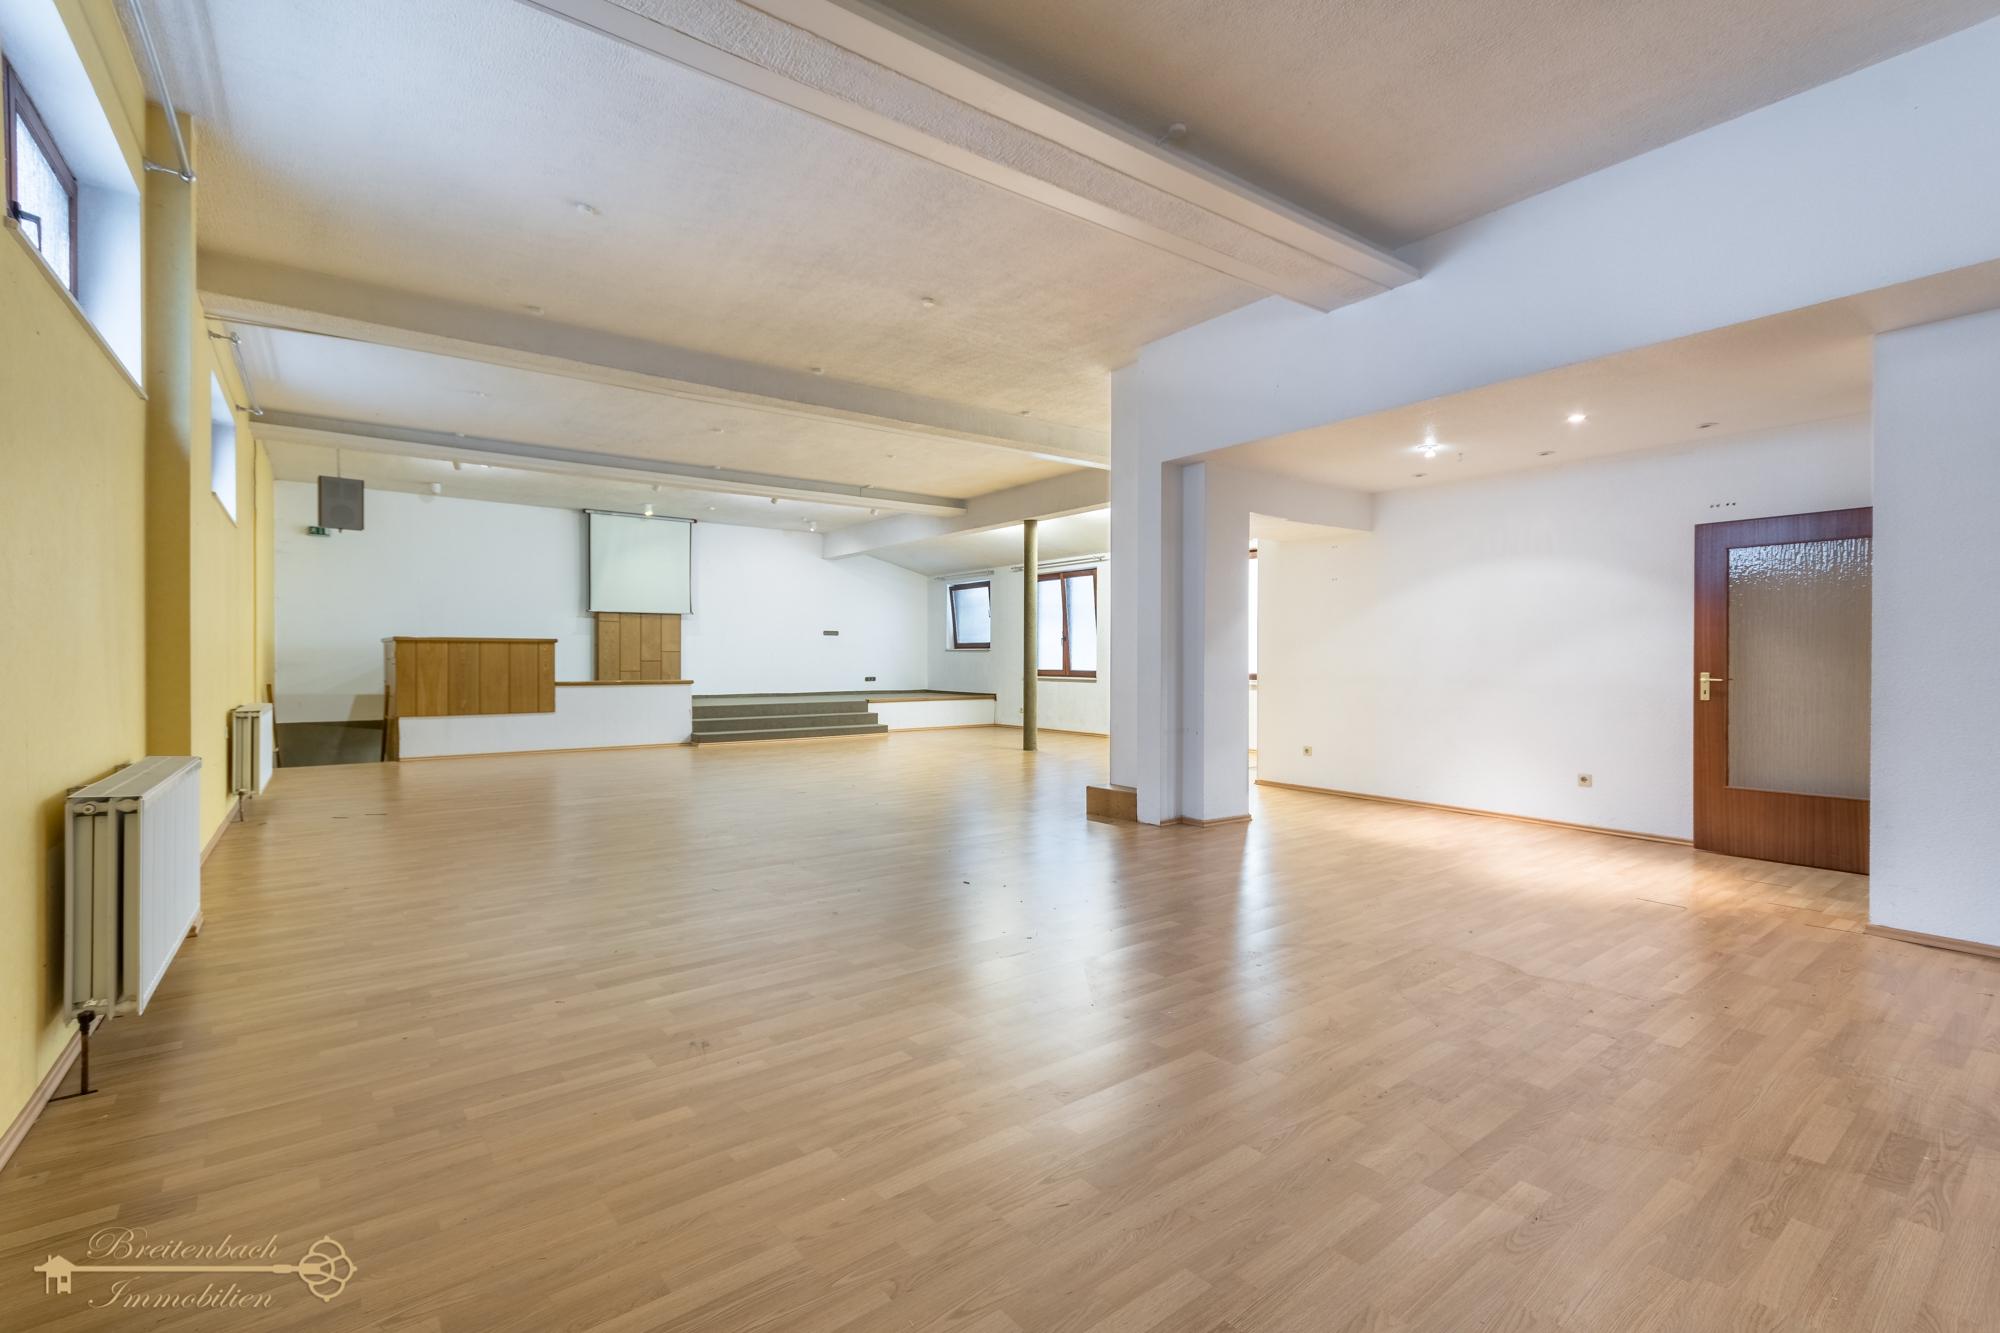 2020-11-15-Breitenbach-Immobilien-9